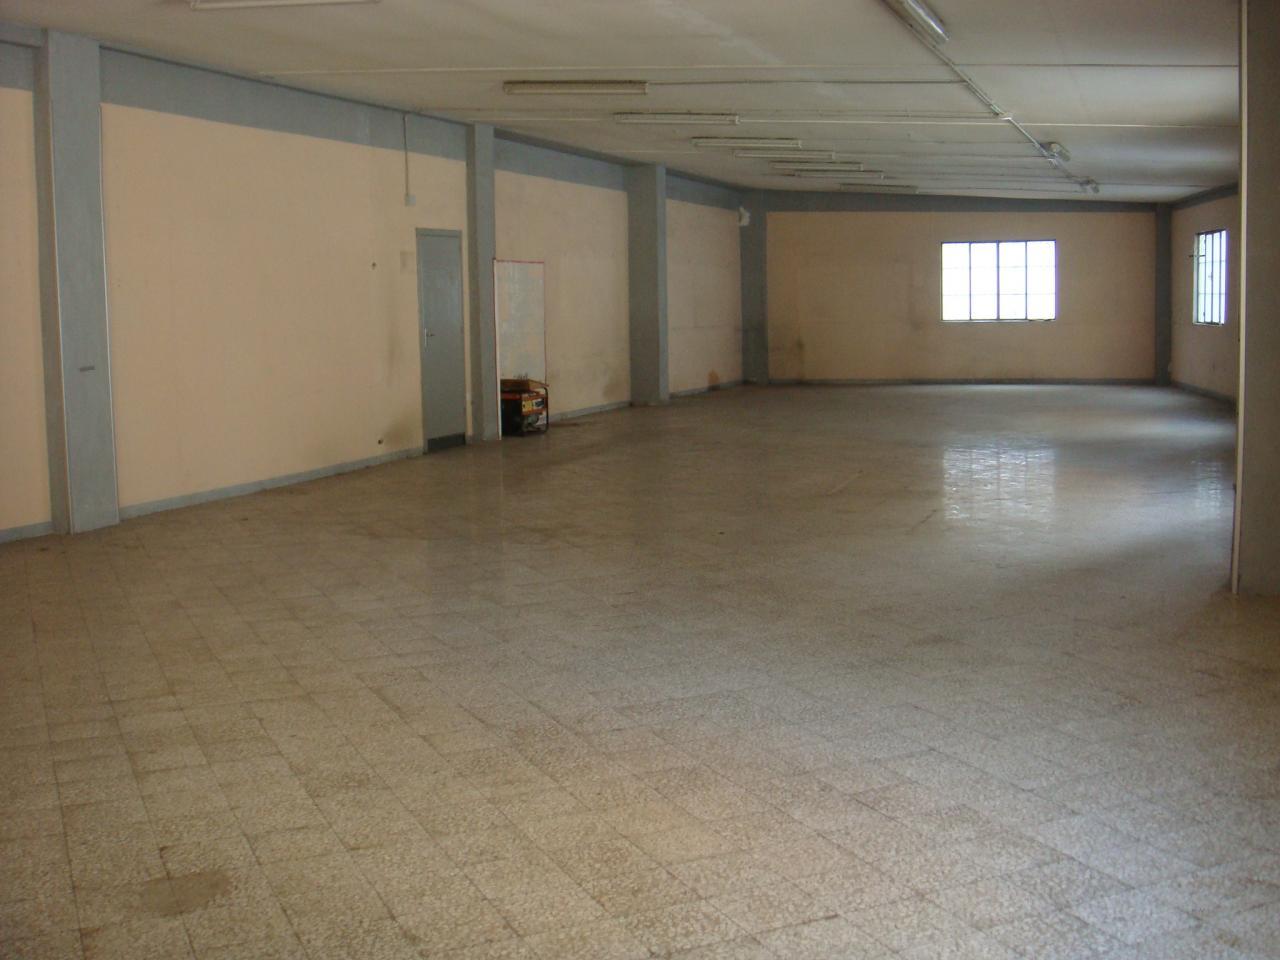 Capannone in vendita a Bari, 9999 locali, zona Zona: Carrassi, prezzo € 220.000 | Cambio Casa.it